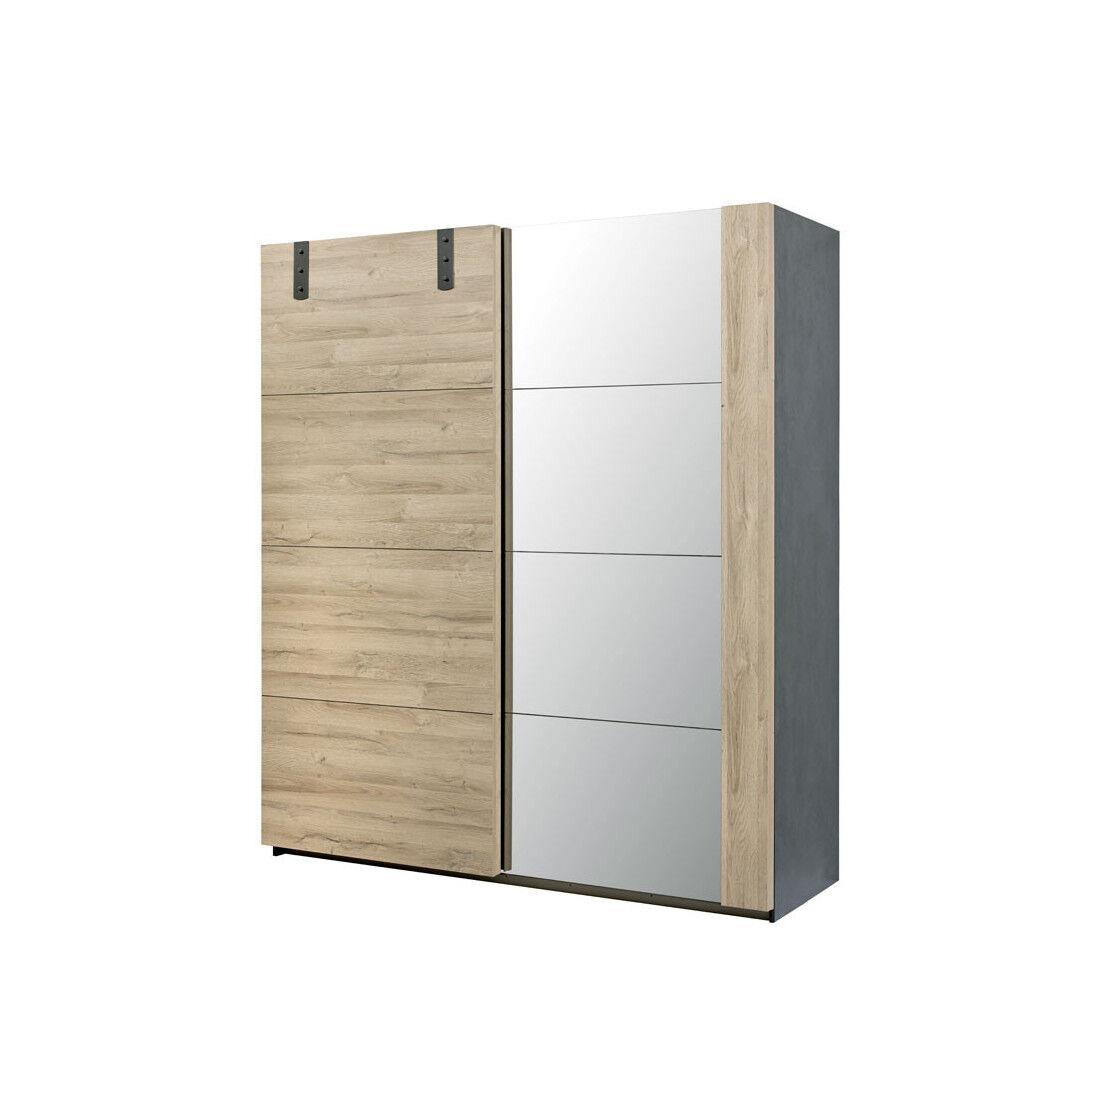 Tousmesmeubles Armoire 2 portes coulissantes Chêne/Miroir - OUDONG n°1 - L 188 x l 68 x H 215